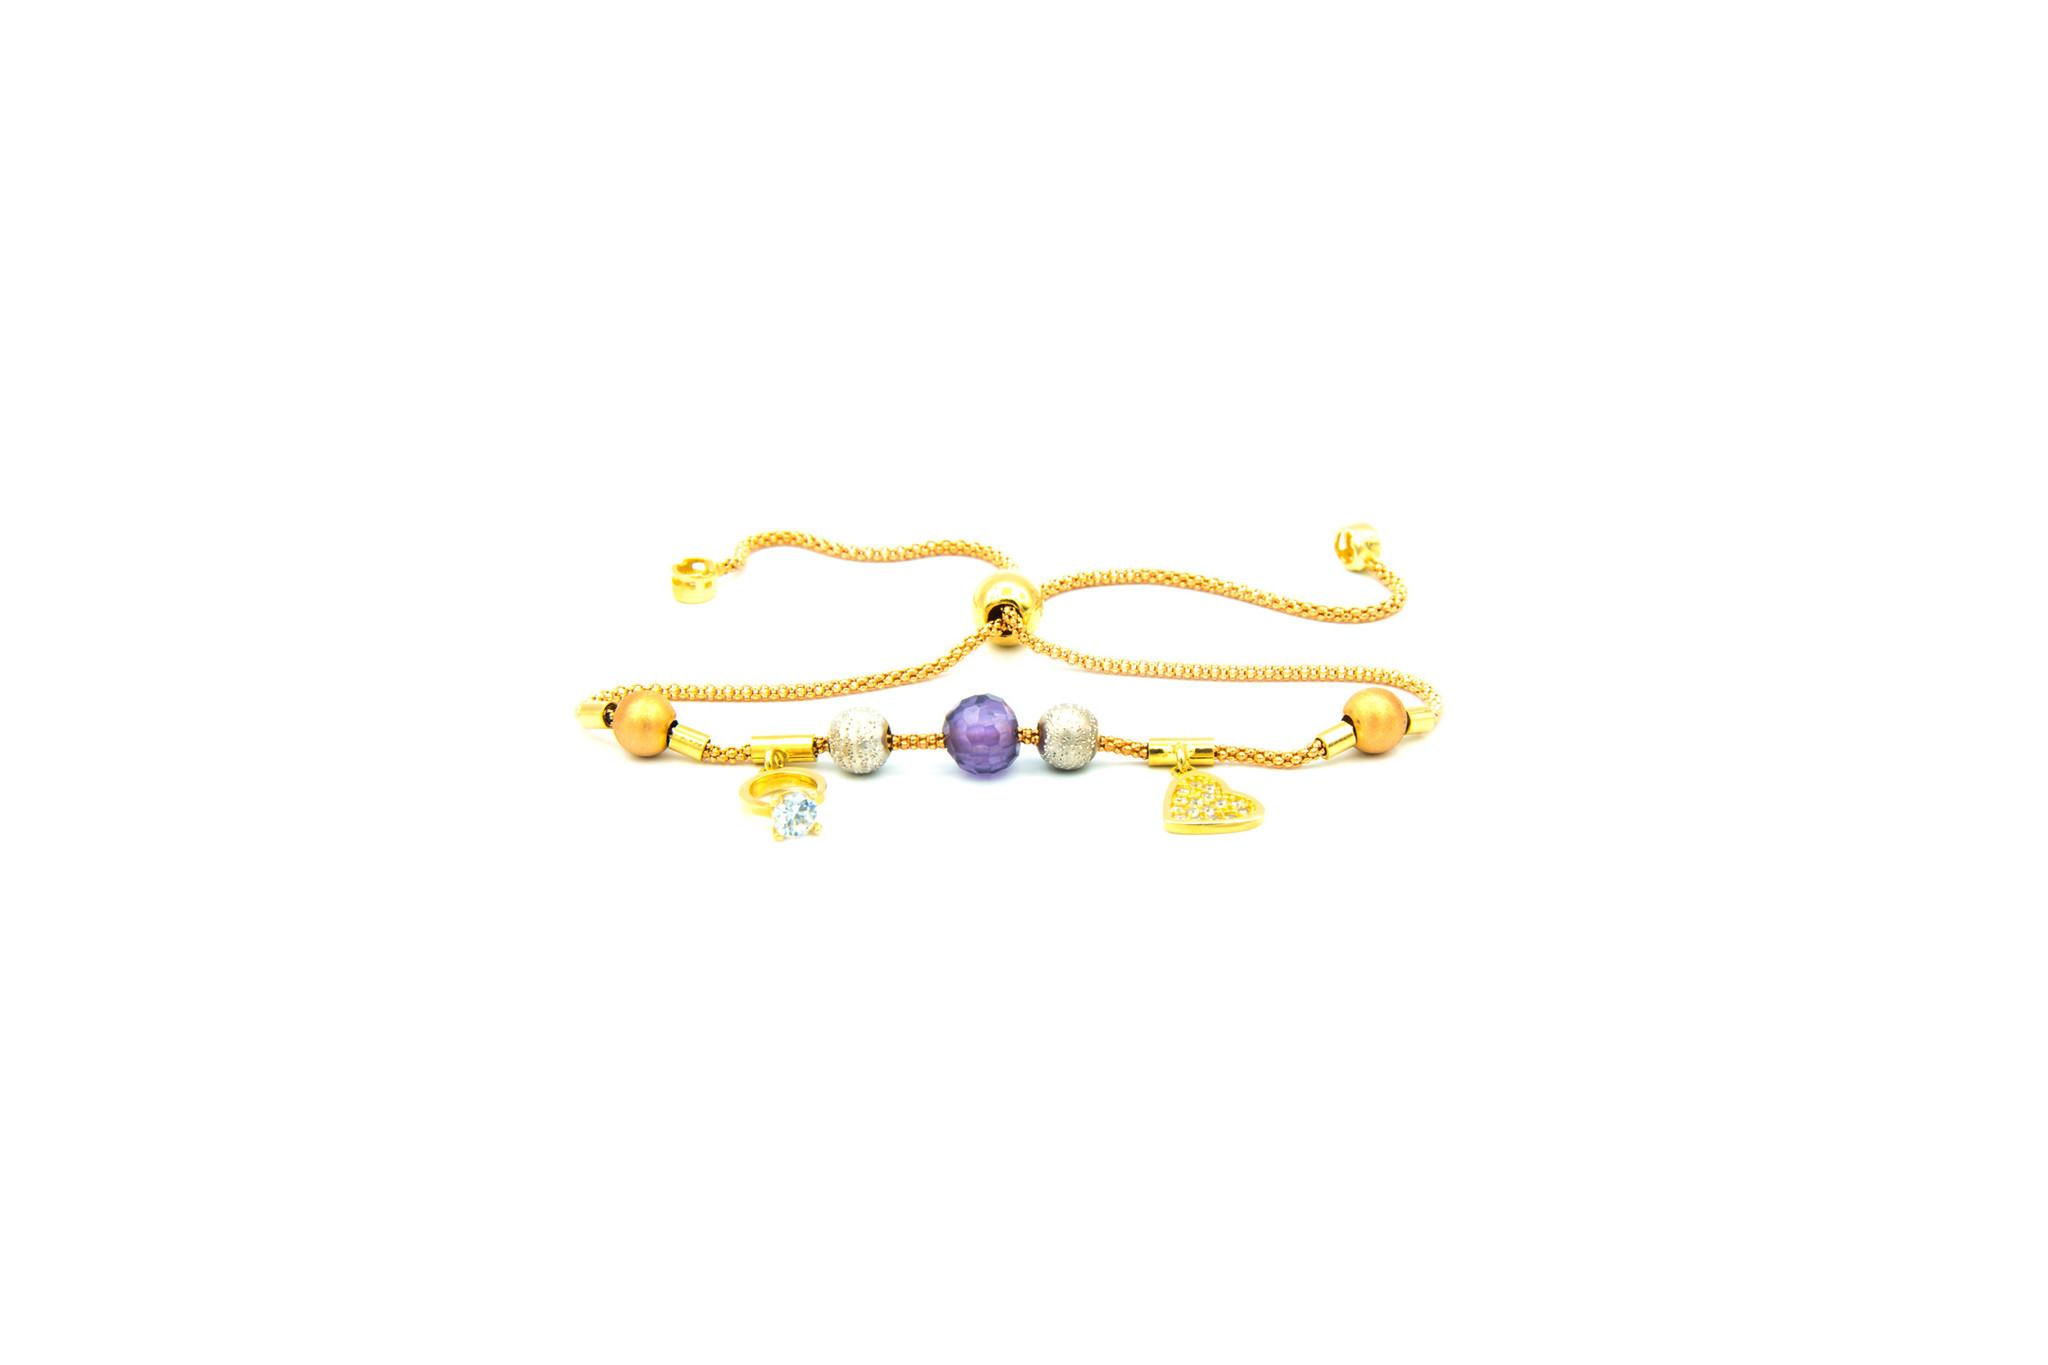 Armband rosékoord verstelbaar met balletjes en zirkonia's tricolor-1